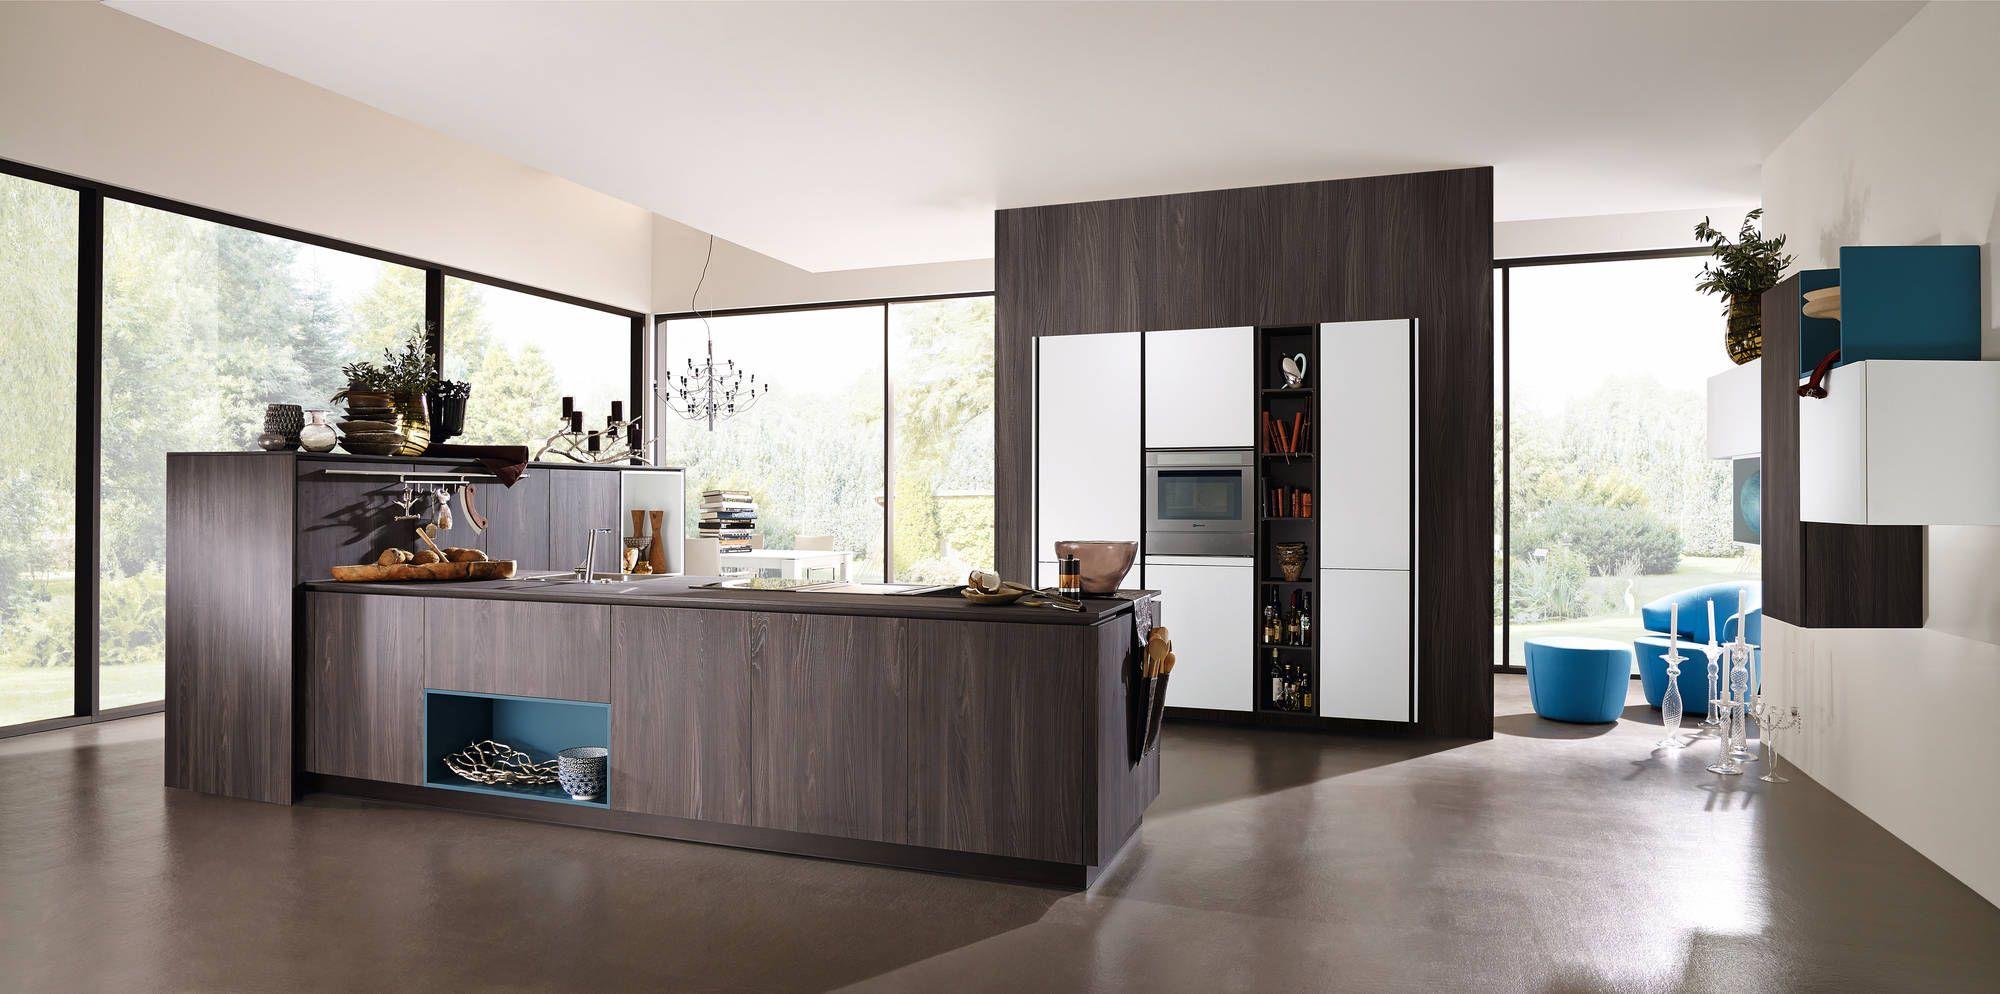 Alno new modern front in Caruba. Kitchen line